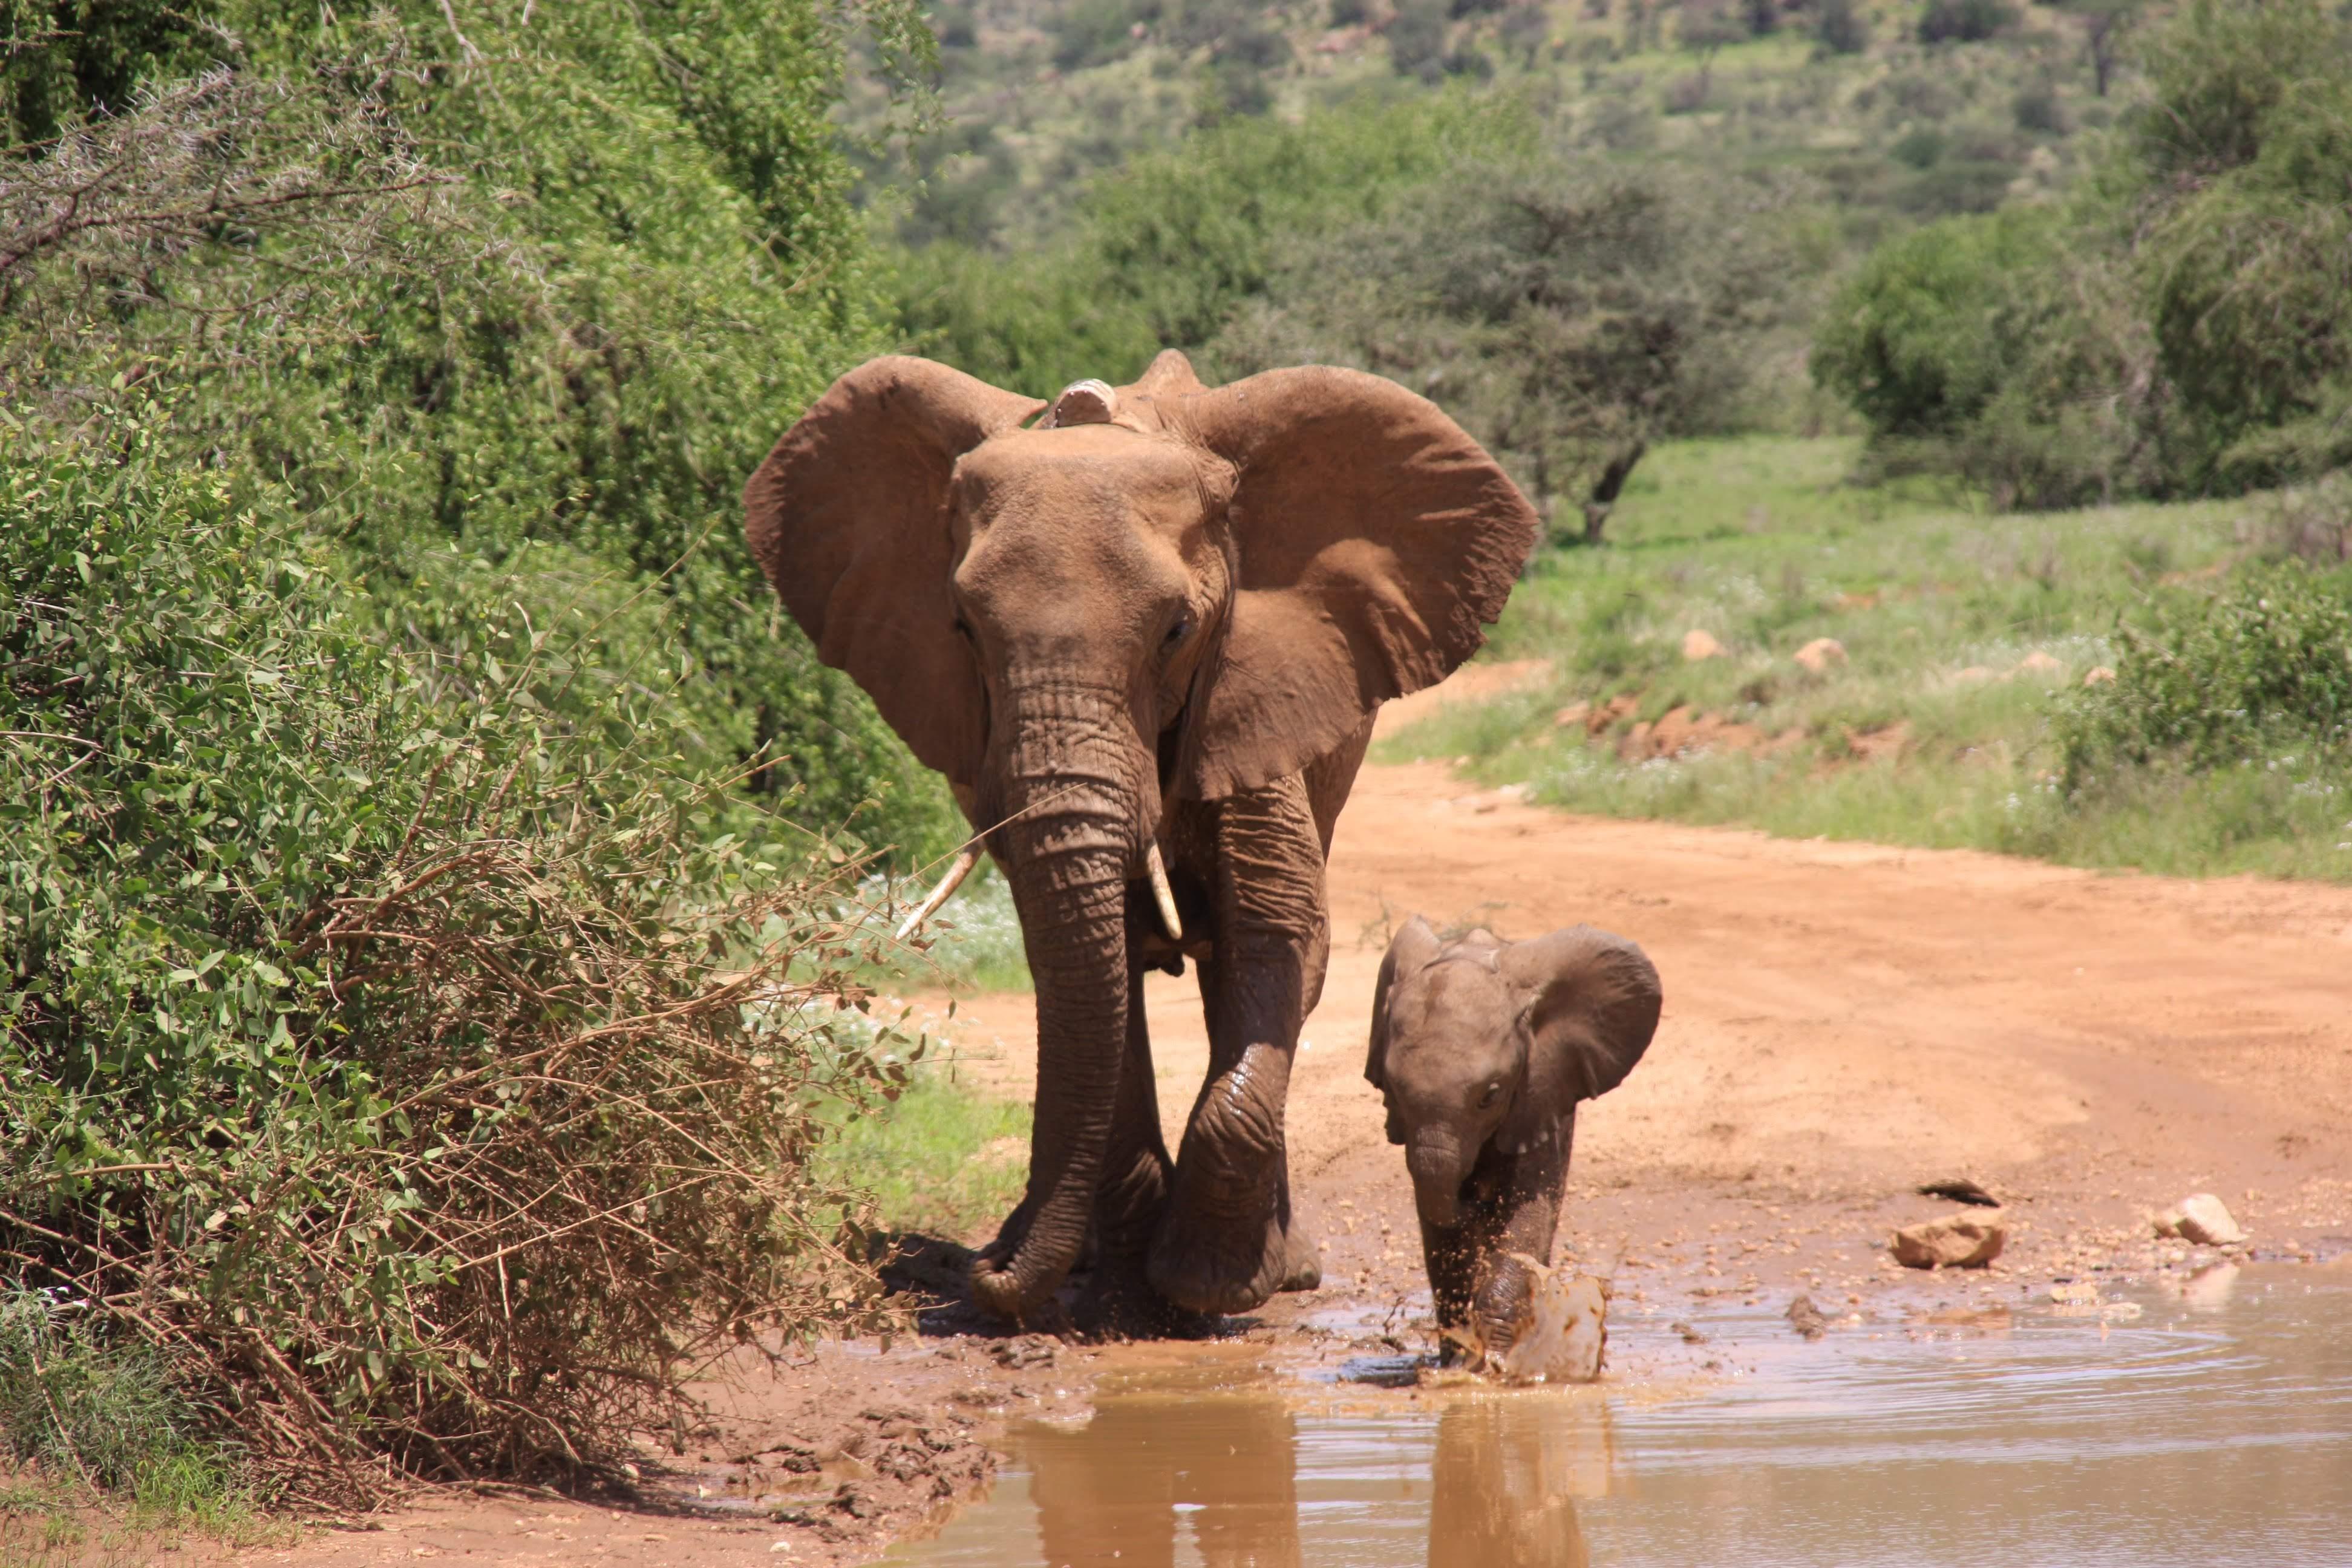 Elephant Mother & Child Puddle